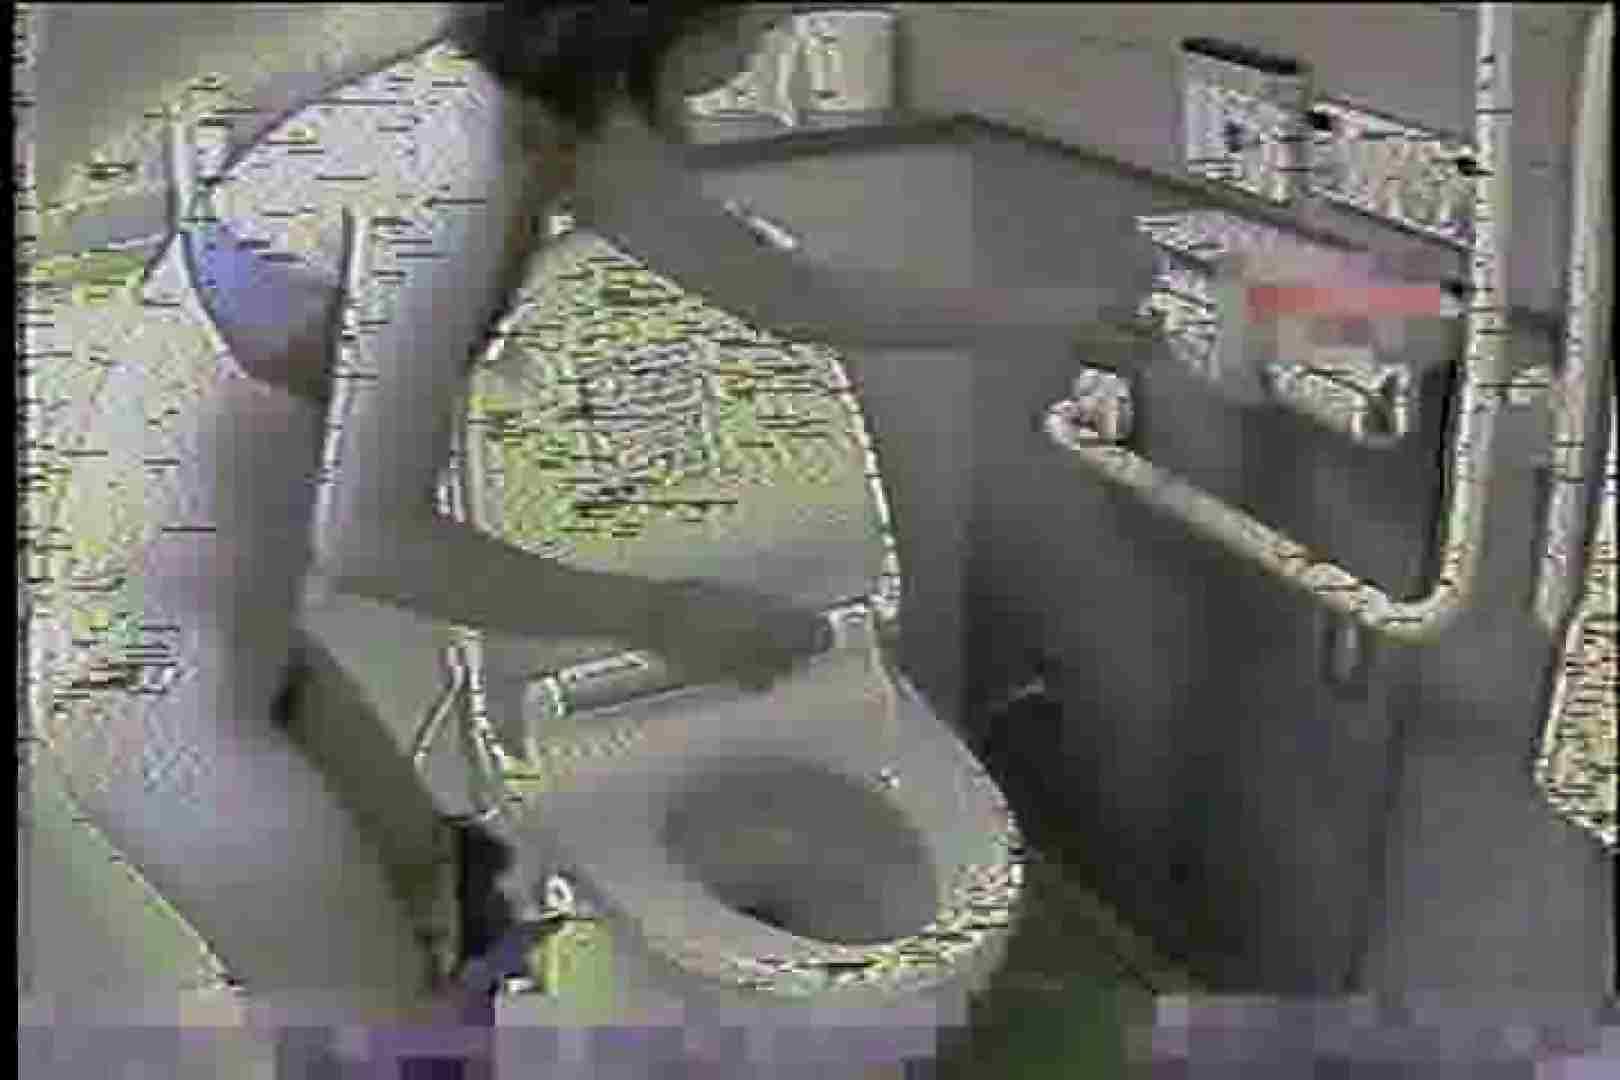 2点盗撮洗面所潜入レポートVol.7 洋式固定カメラ編 0 | 0  101画像 77